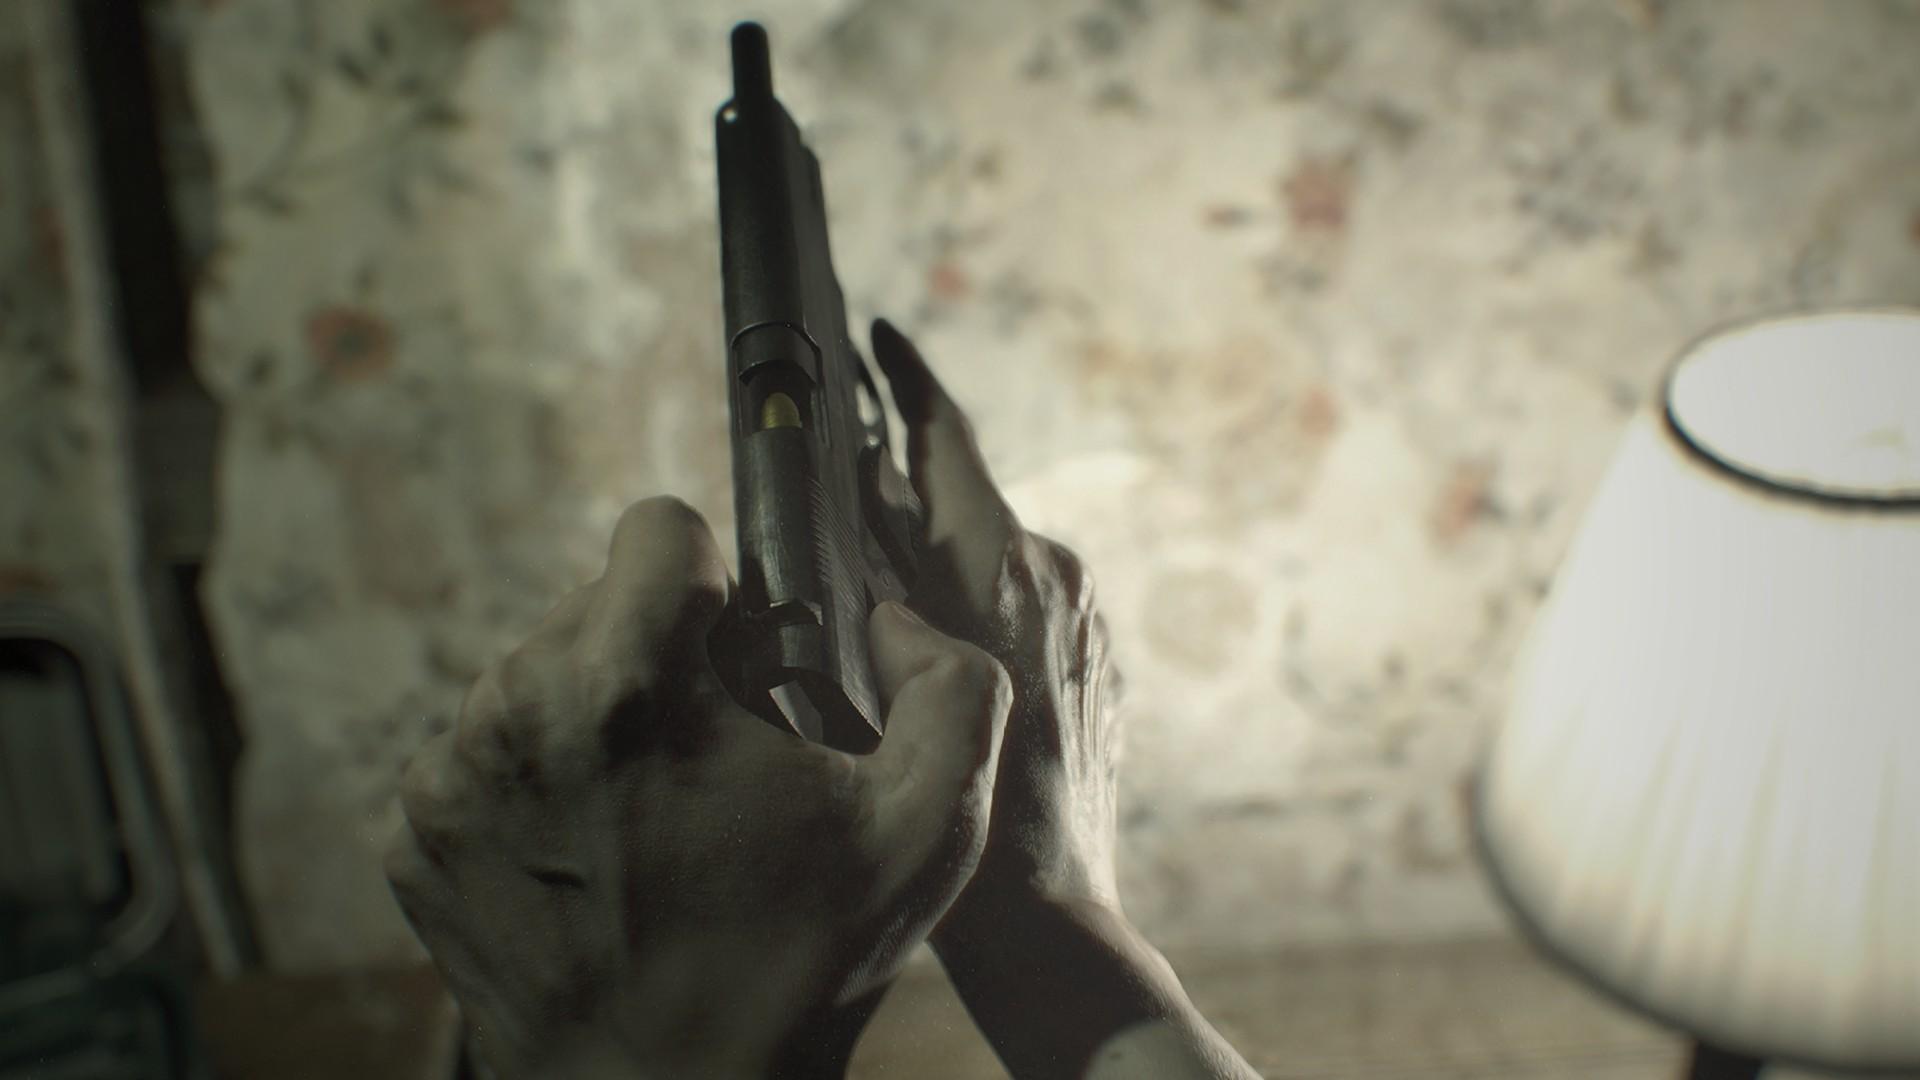 Resident Evil 7 Biohazard On Steam